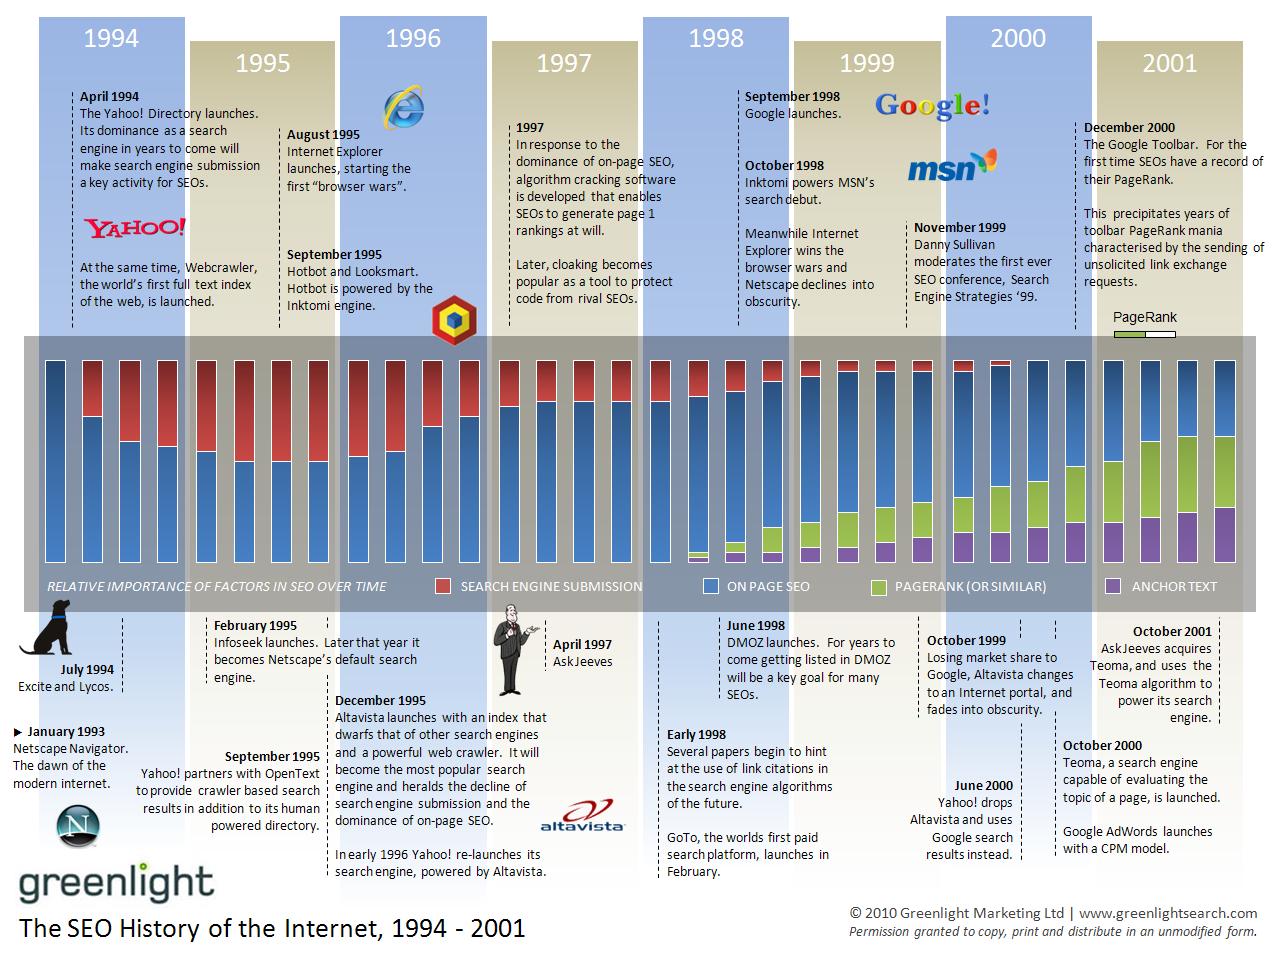 Die Geschichte der Suchmaschinenoptimierung 1994-2001